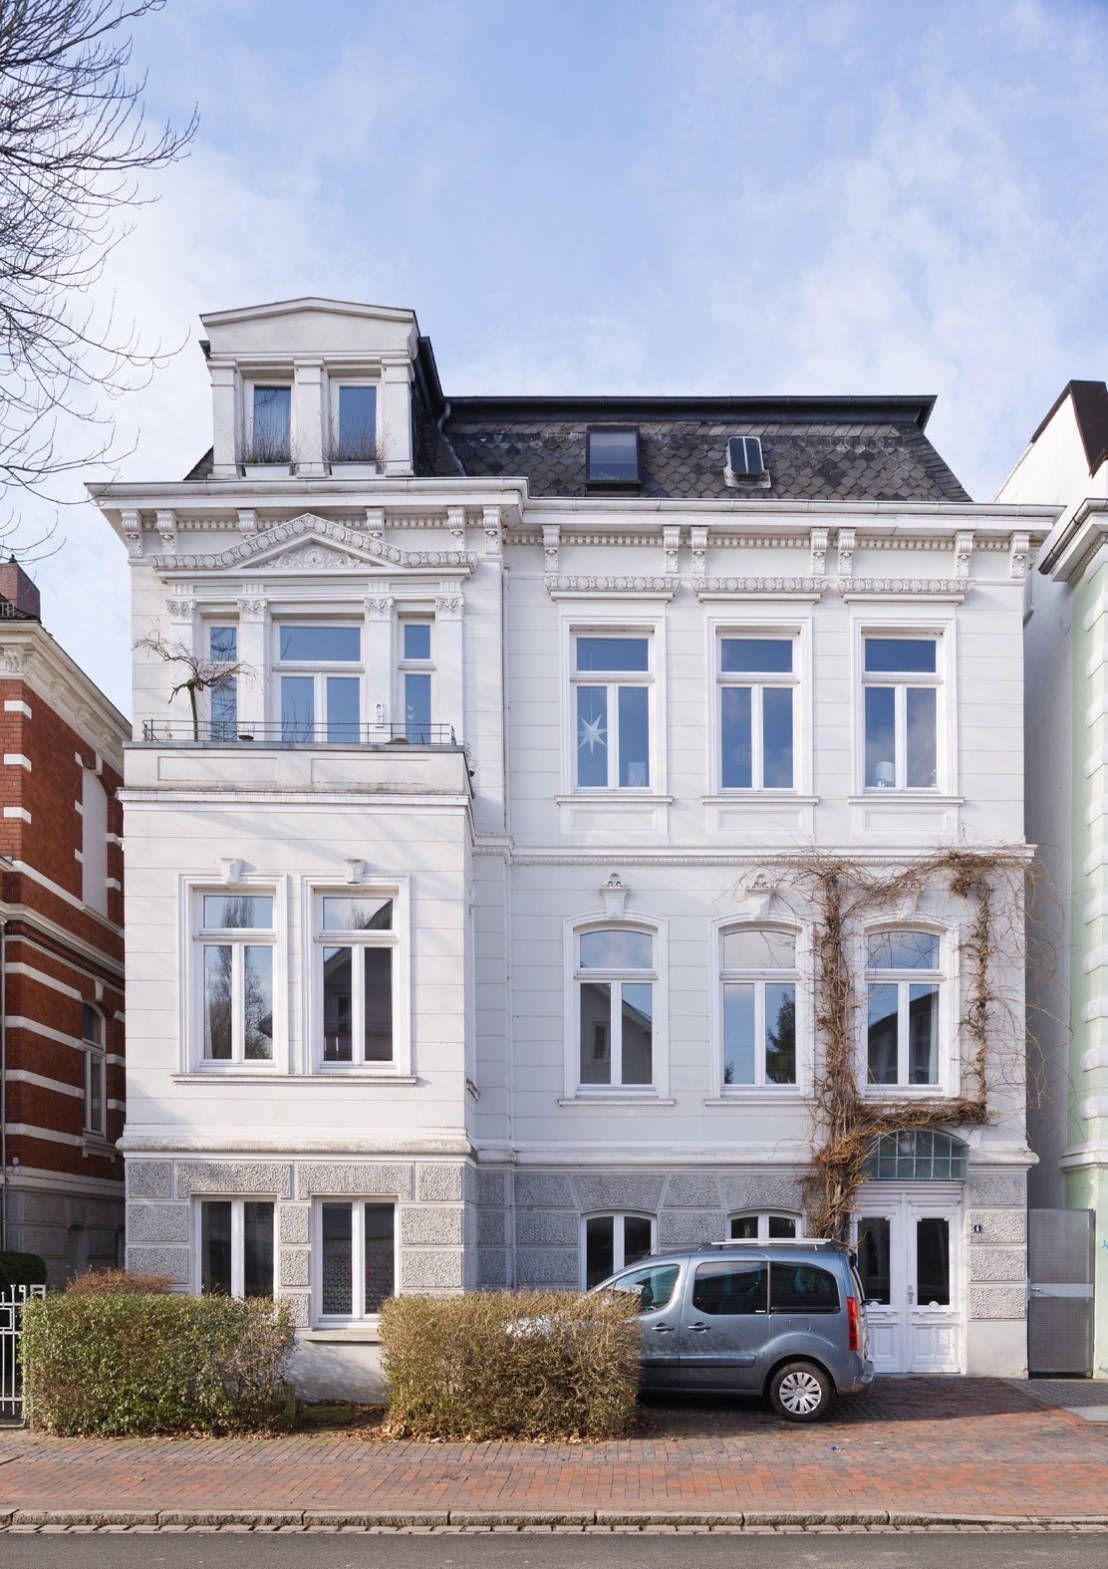 Wir Zeigen Euch Heute Ein Architektenhaus In Oldenburg Und Liefern Euch Die Antwort Wie Bauexperten Eigentlich Wohnen Architekt Hauswand Architektur